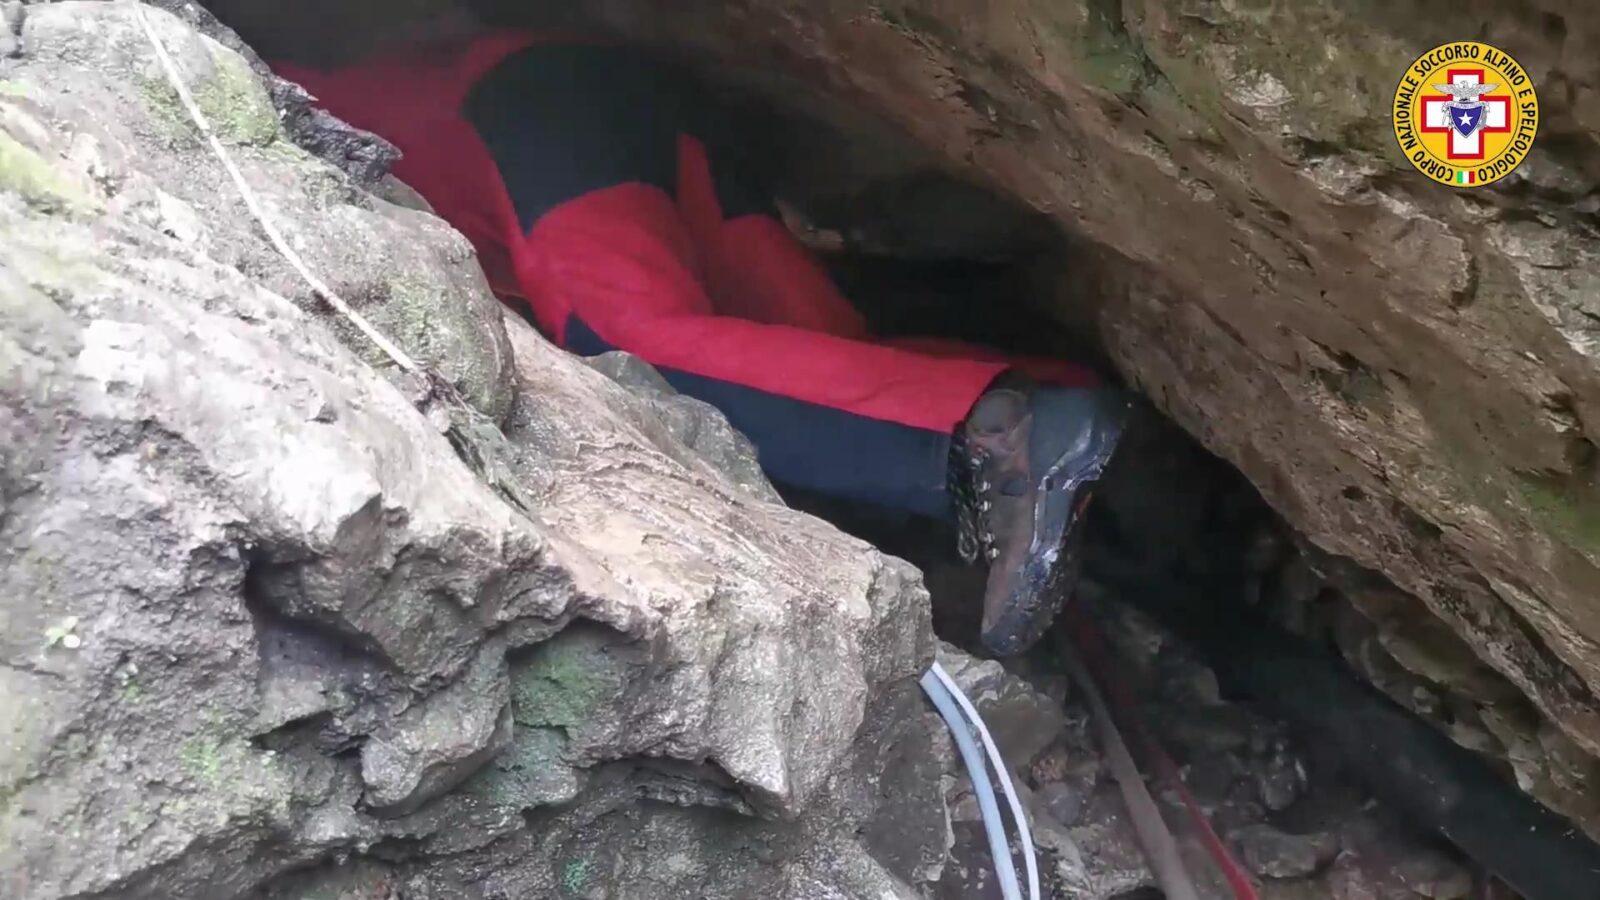 Morto speleologo 42 anni a Roccamorice